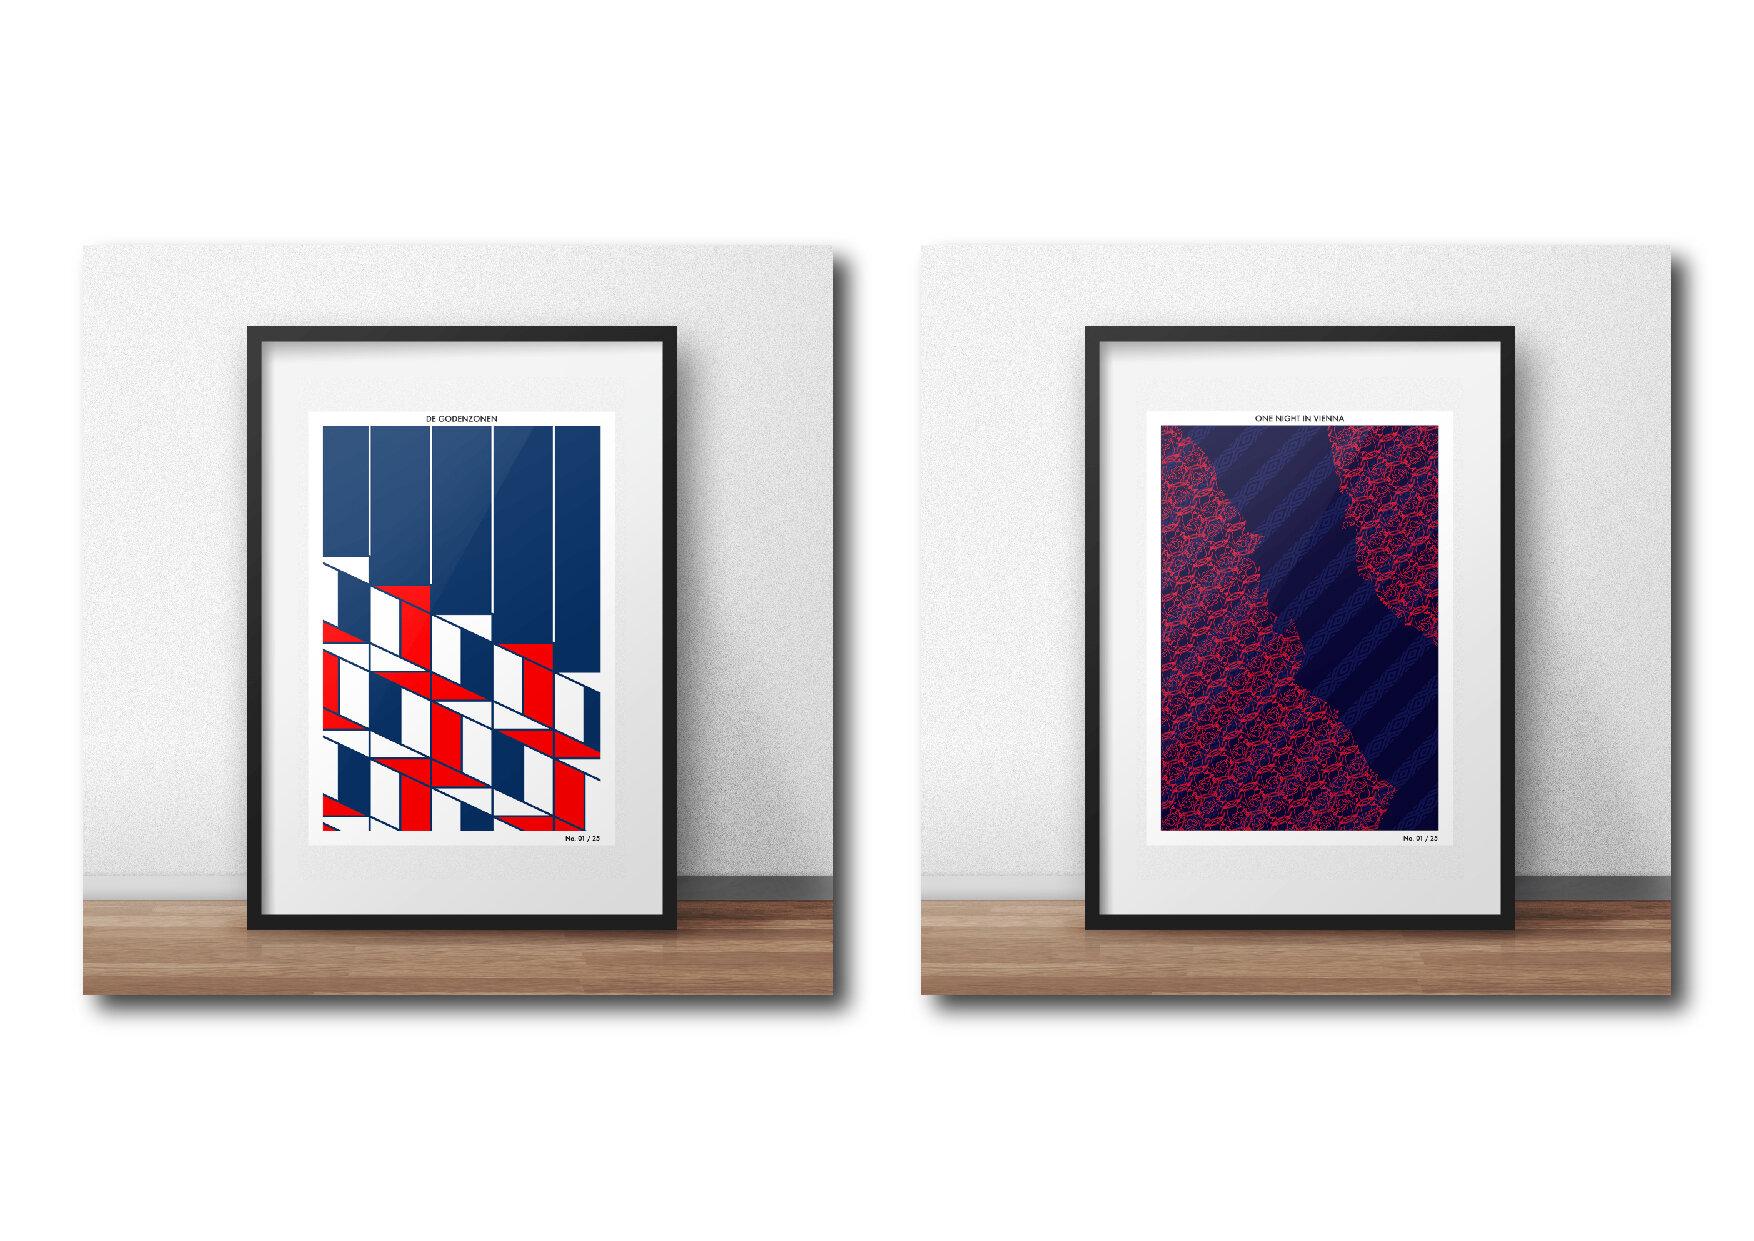 Framed_Prints_Update-01.jpg